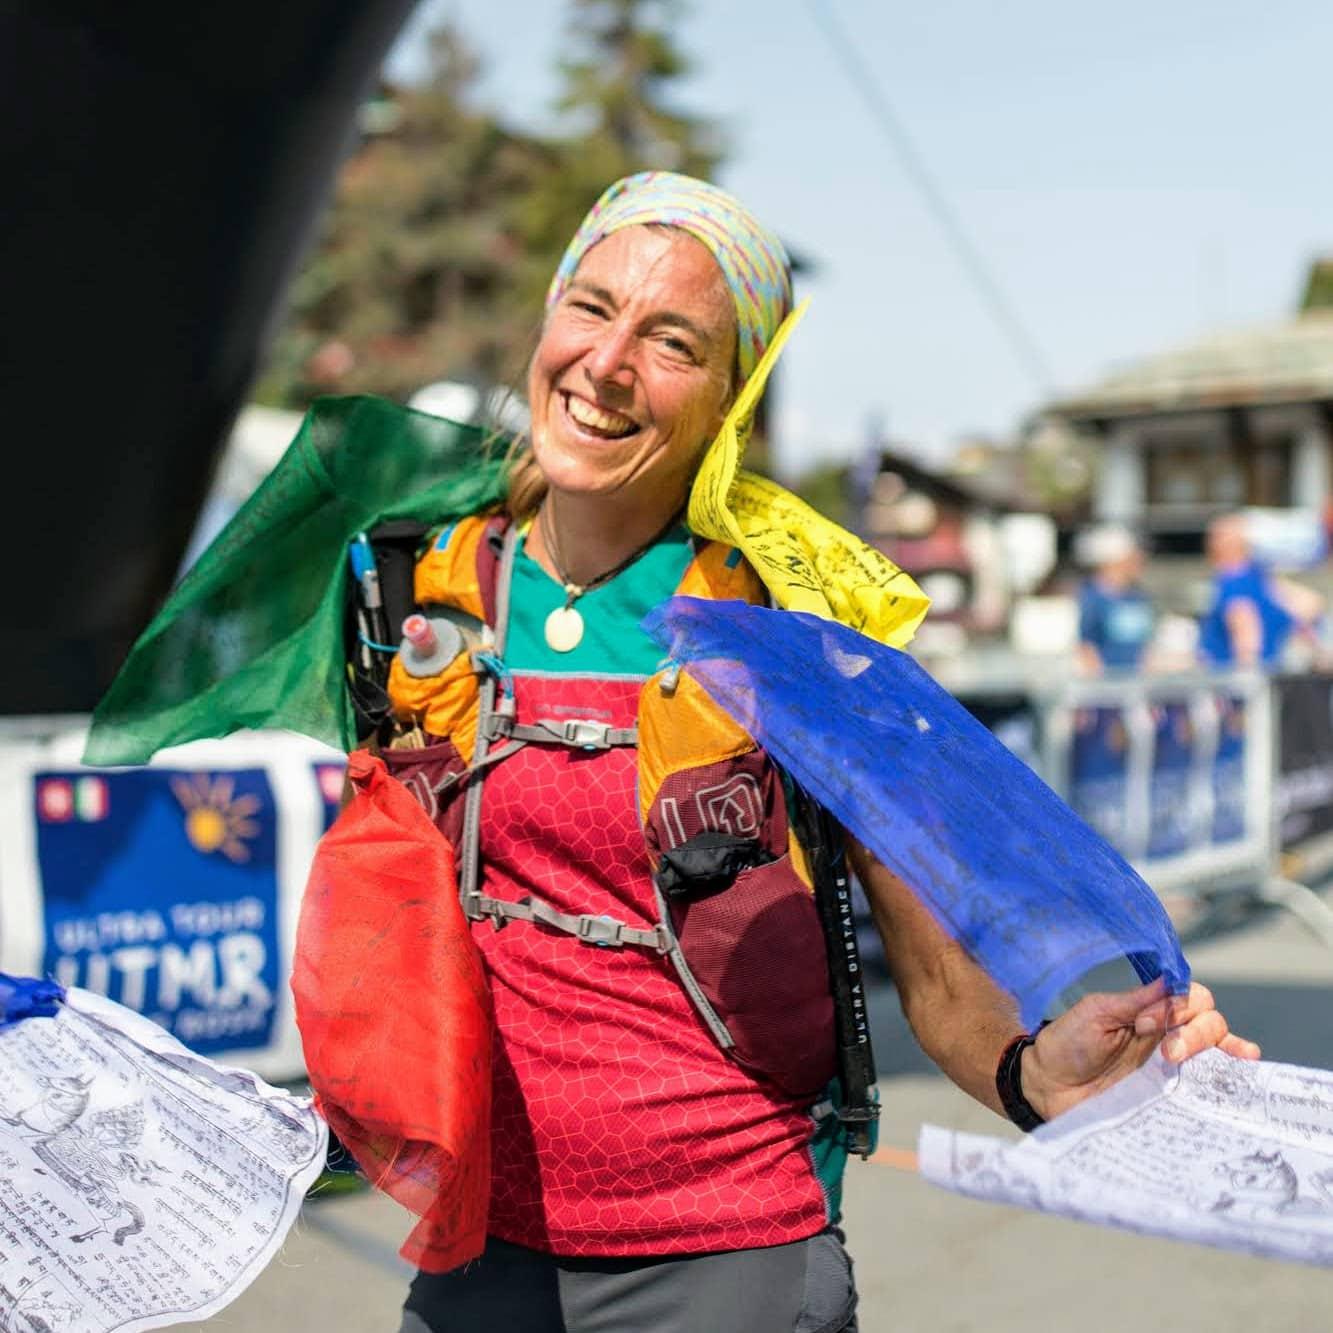 Julia Boettger ultra runner